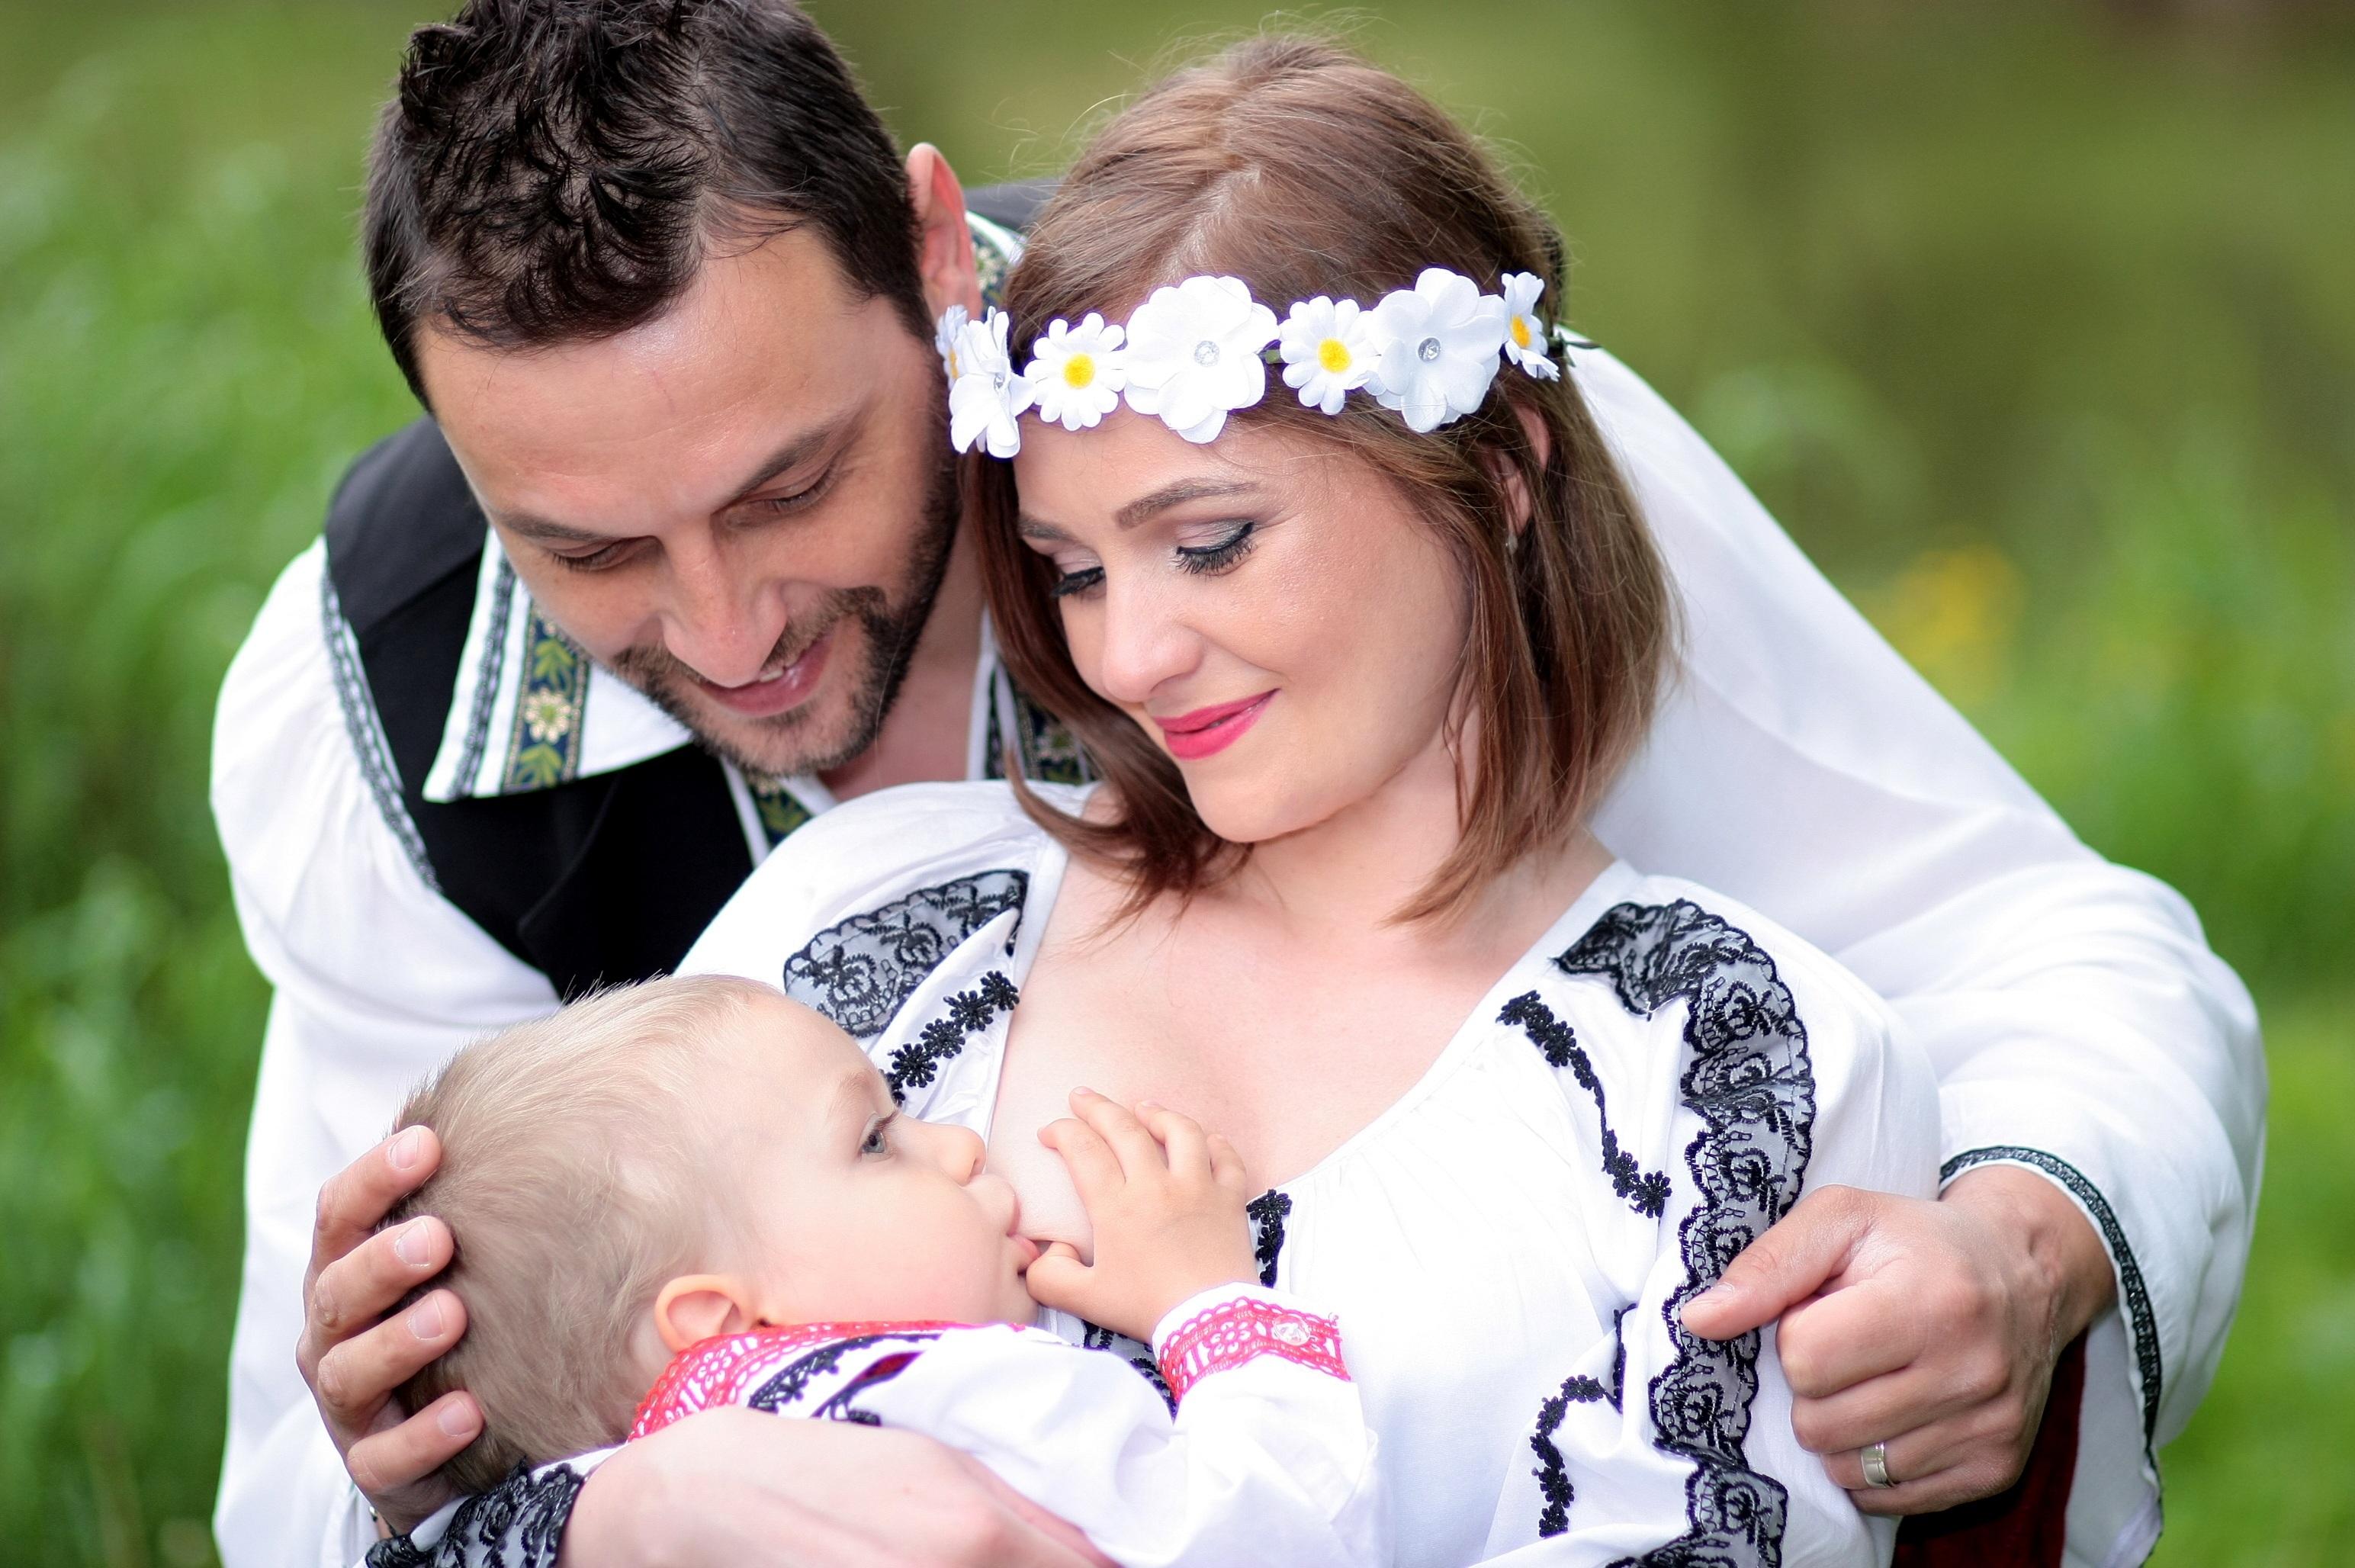 henkilö ihmiset nainen valokuvaus rakkaus morsian halata äiti poika isä  perhe seremonia onnellisuus vuorovaikutus muotikuvaukset imetys 4d81fbb366